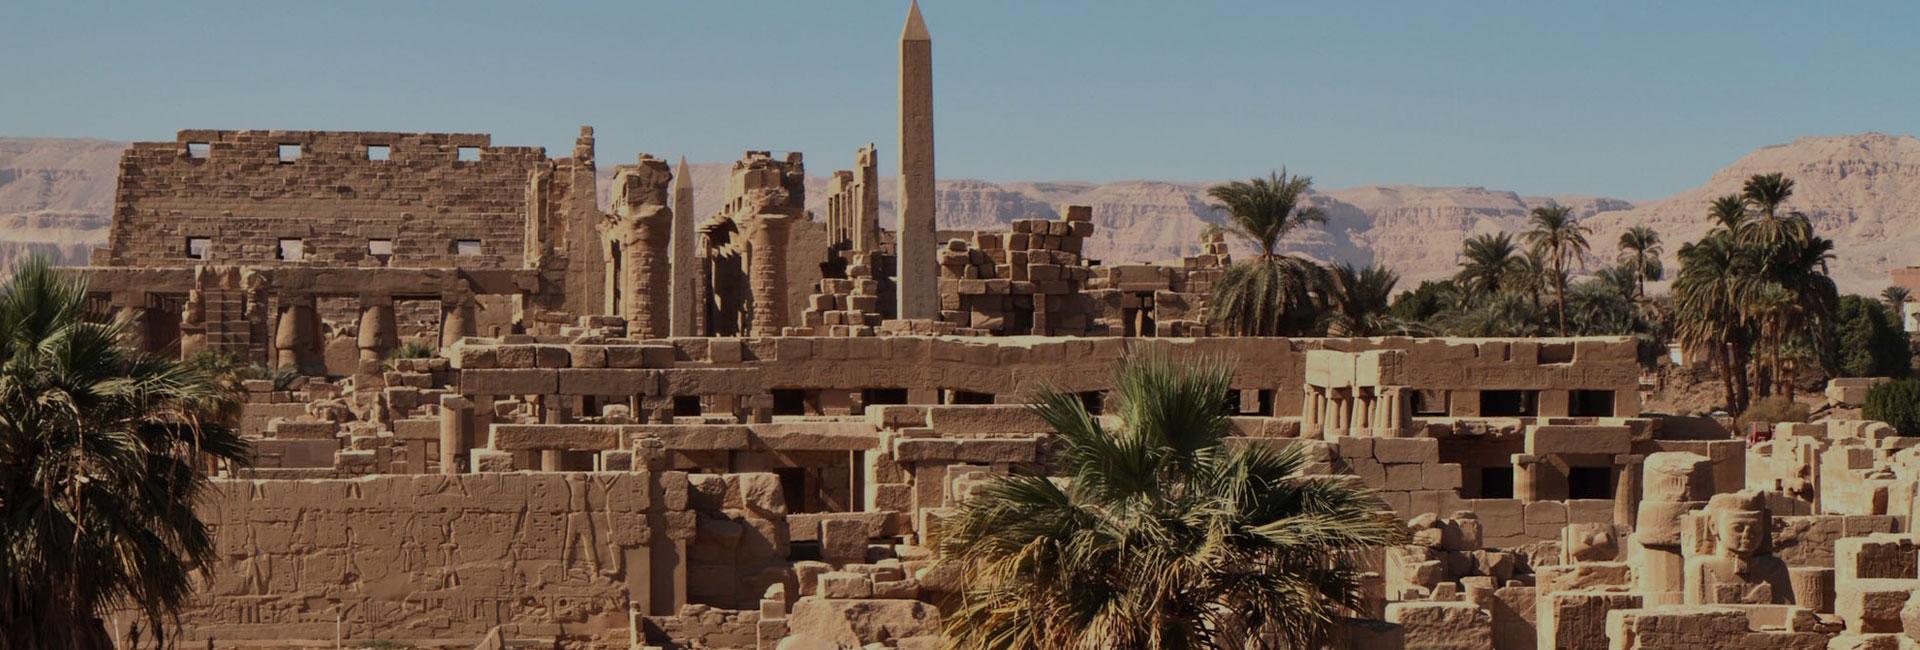 Luxor Short Break